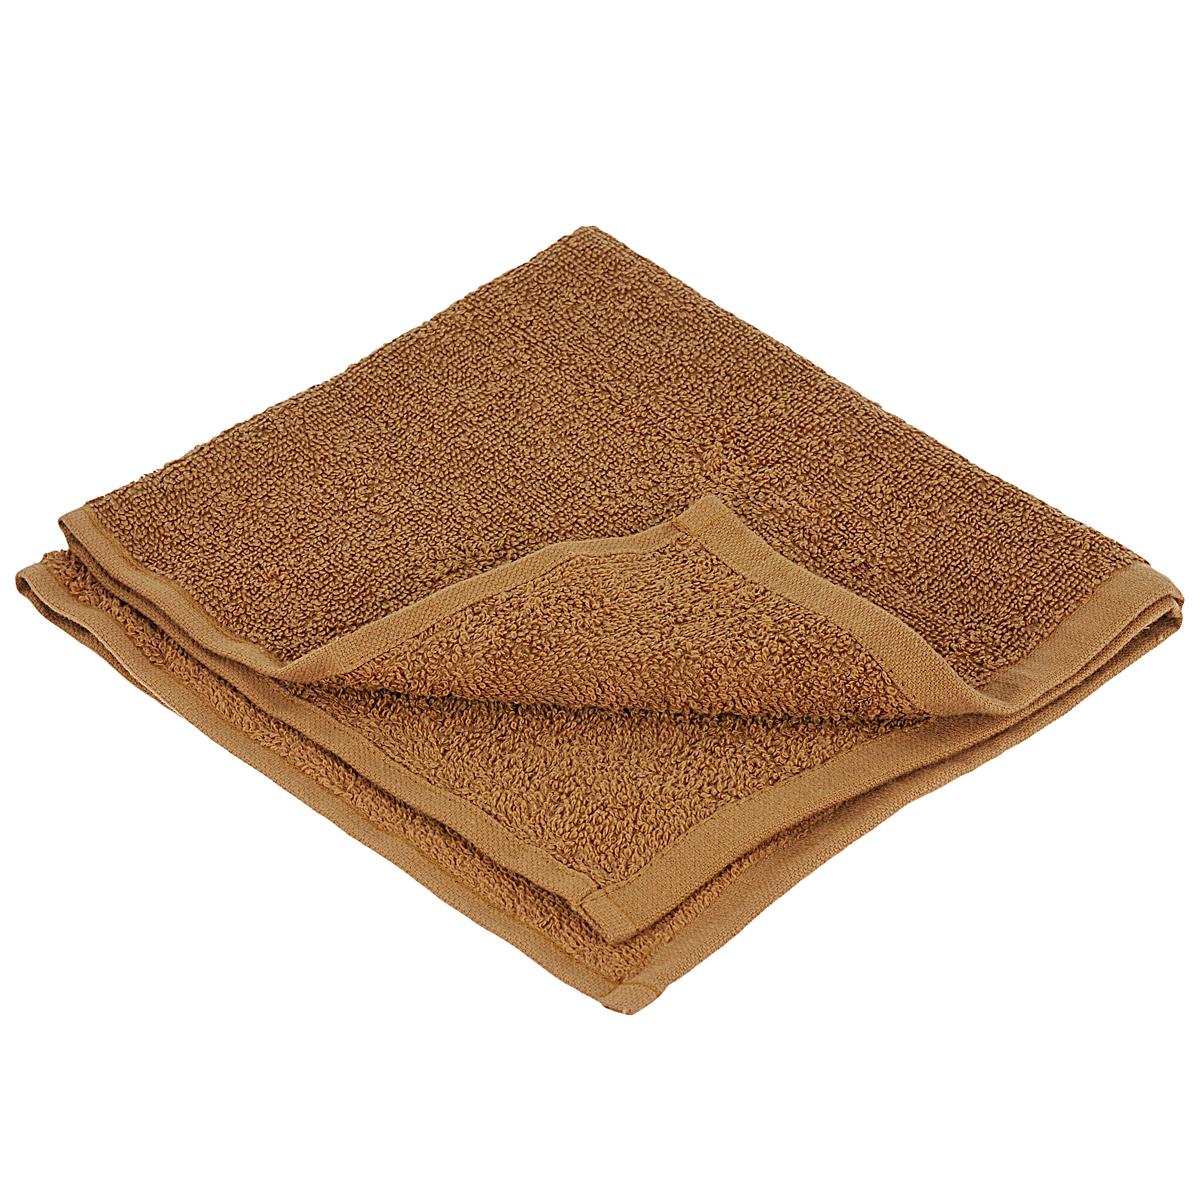 Полотенце махровое Osborn Textile, цвет: коричневый, 40 см х 40 смУзТ-МПБ-005-08-20В состав полотенца Osborn Textile входит только натуральное волокно - хлопок. Такое полотенце будет незаменимо в вашем быту. Оно создаст прекрасное настроение не только в ванной комнате, но и на кухне. Изделие прекрасно впитывает влагу и быстро сохнет. При соблюдении рекомендаций по уходу не линяет и не теряет форму даже после многократных стирок. Плотность: 400 г/м2.